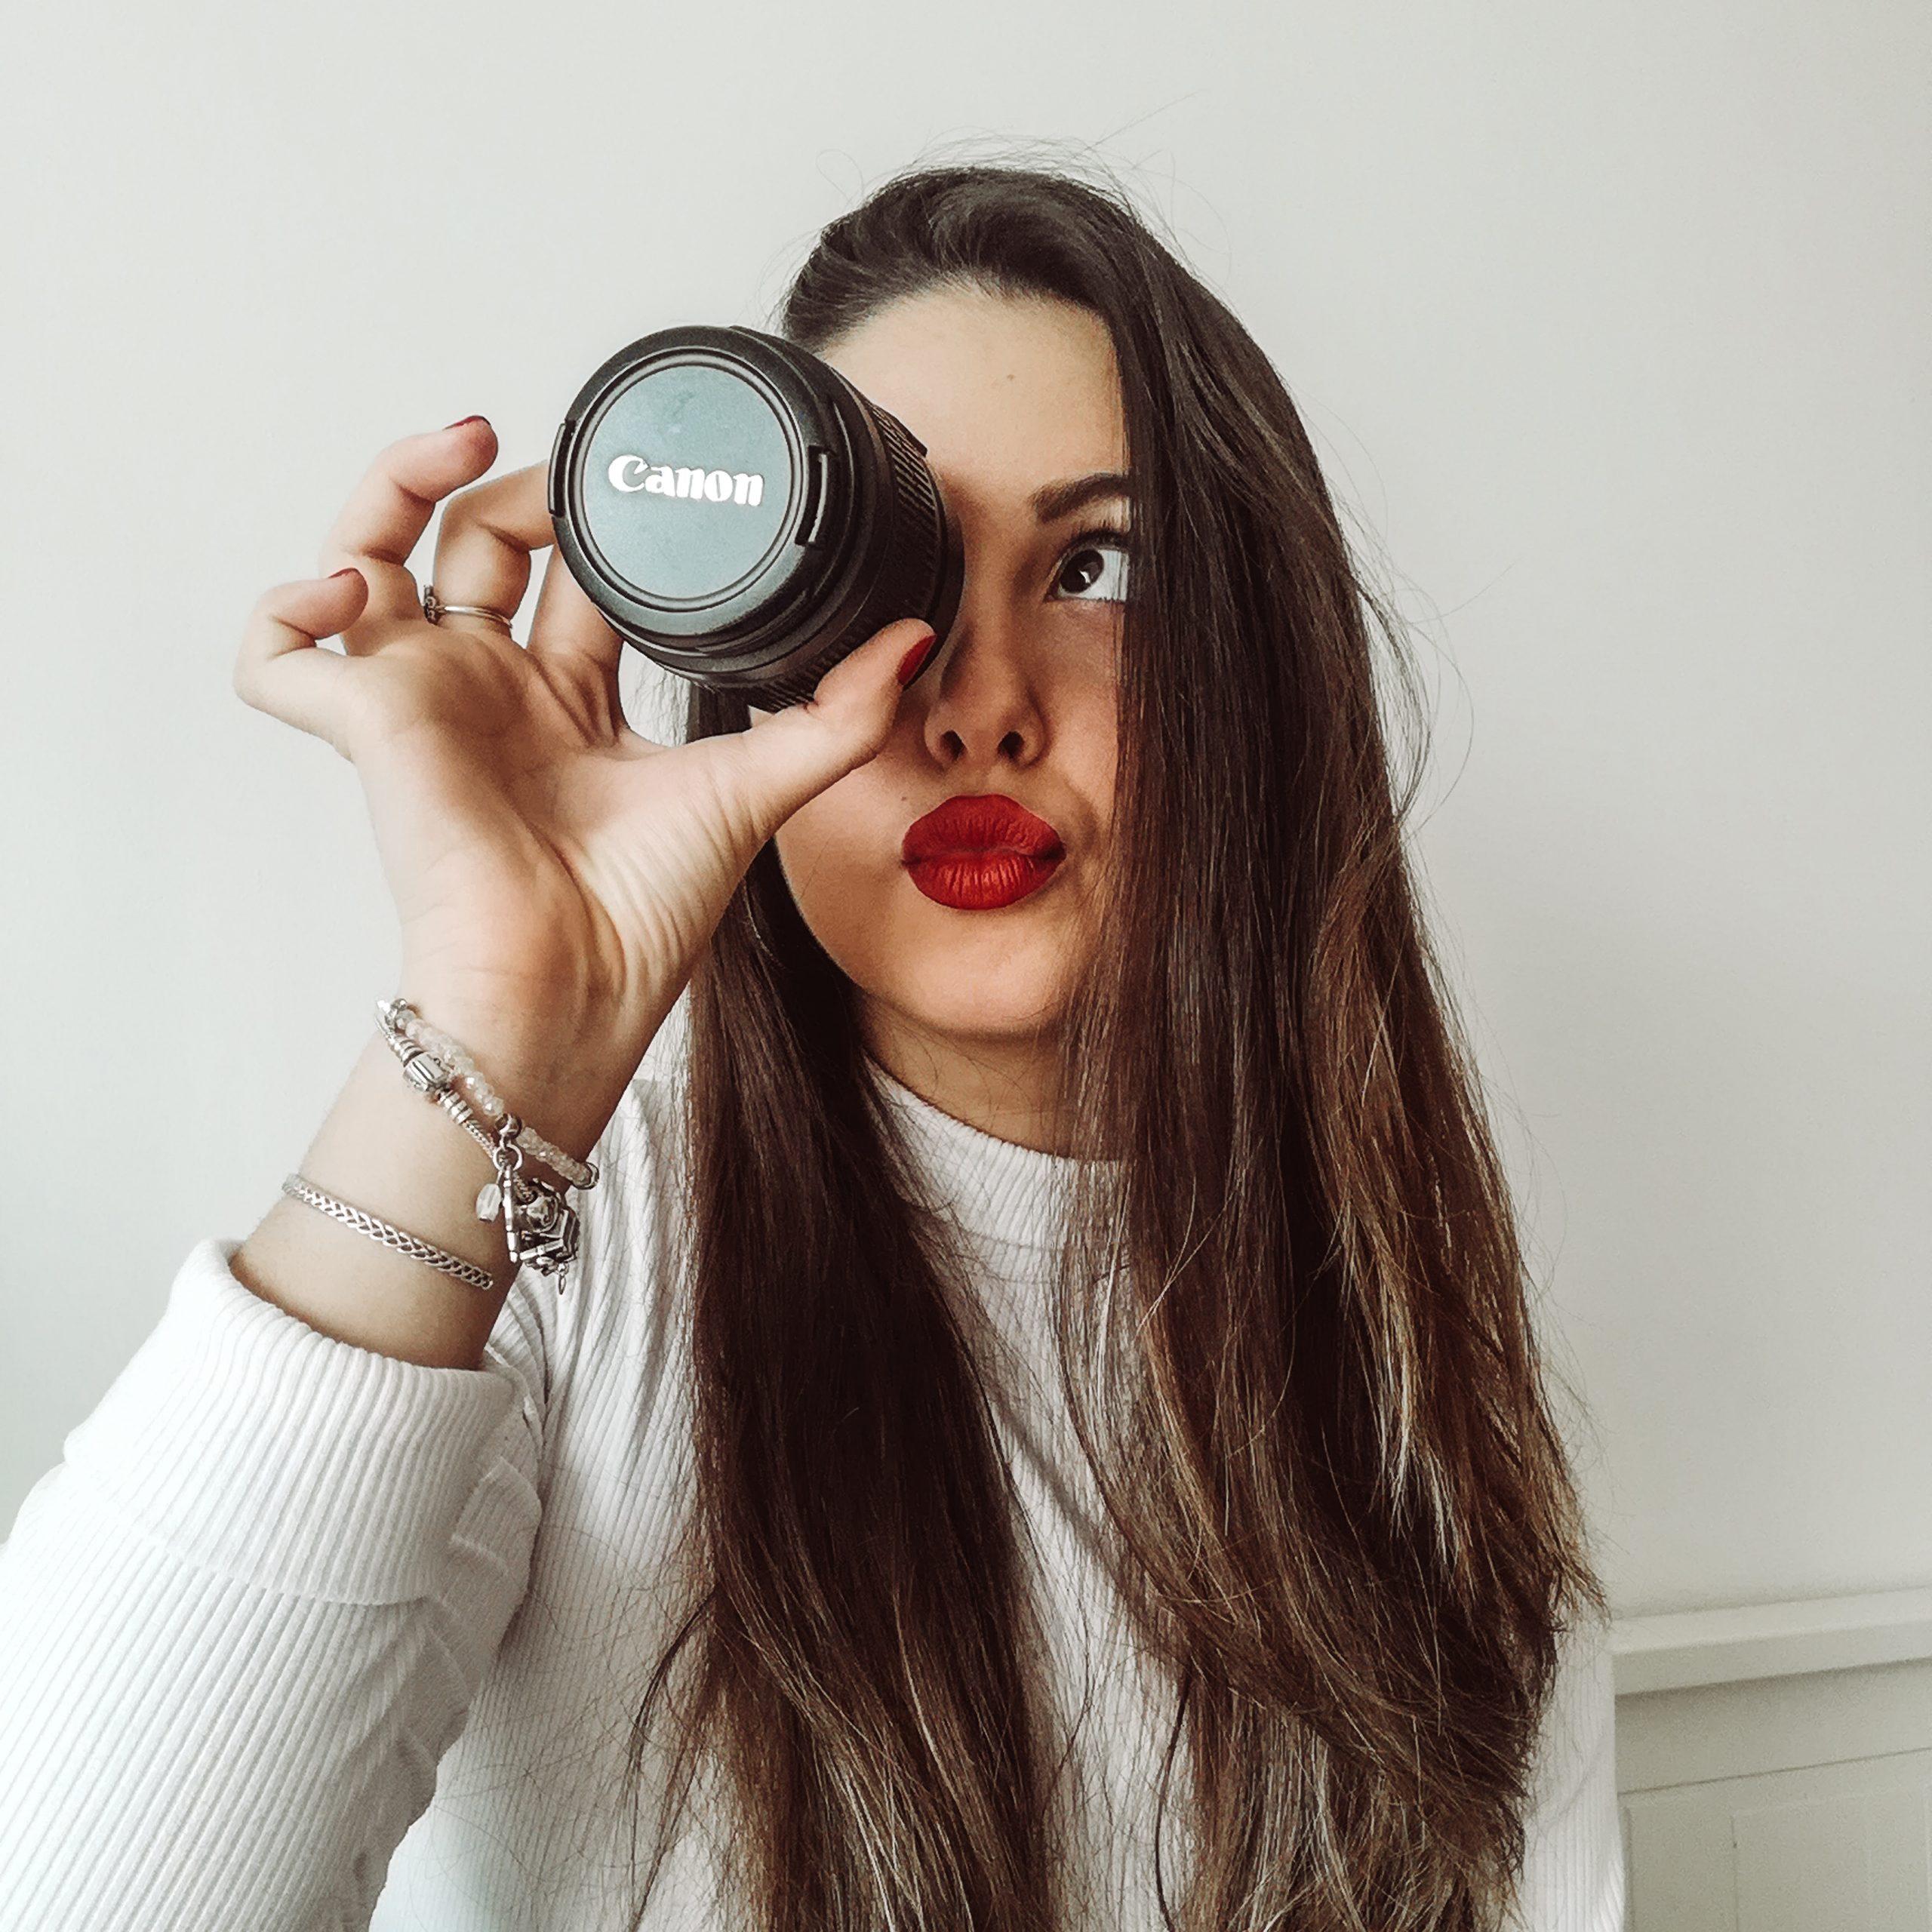 Meet the Blogger - Catarina Morais